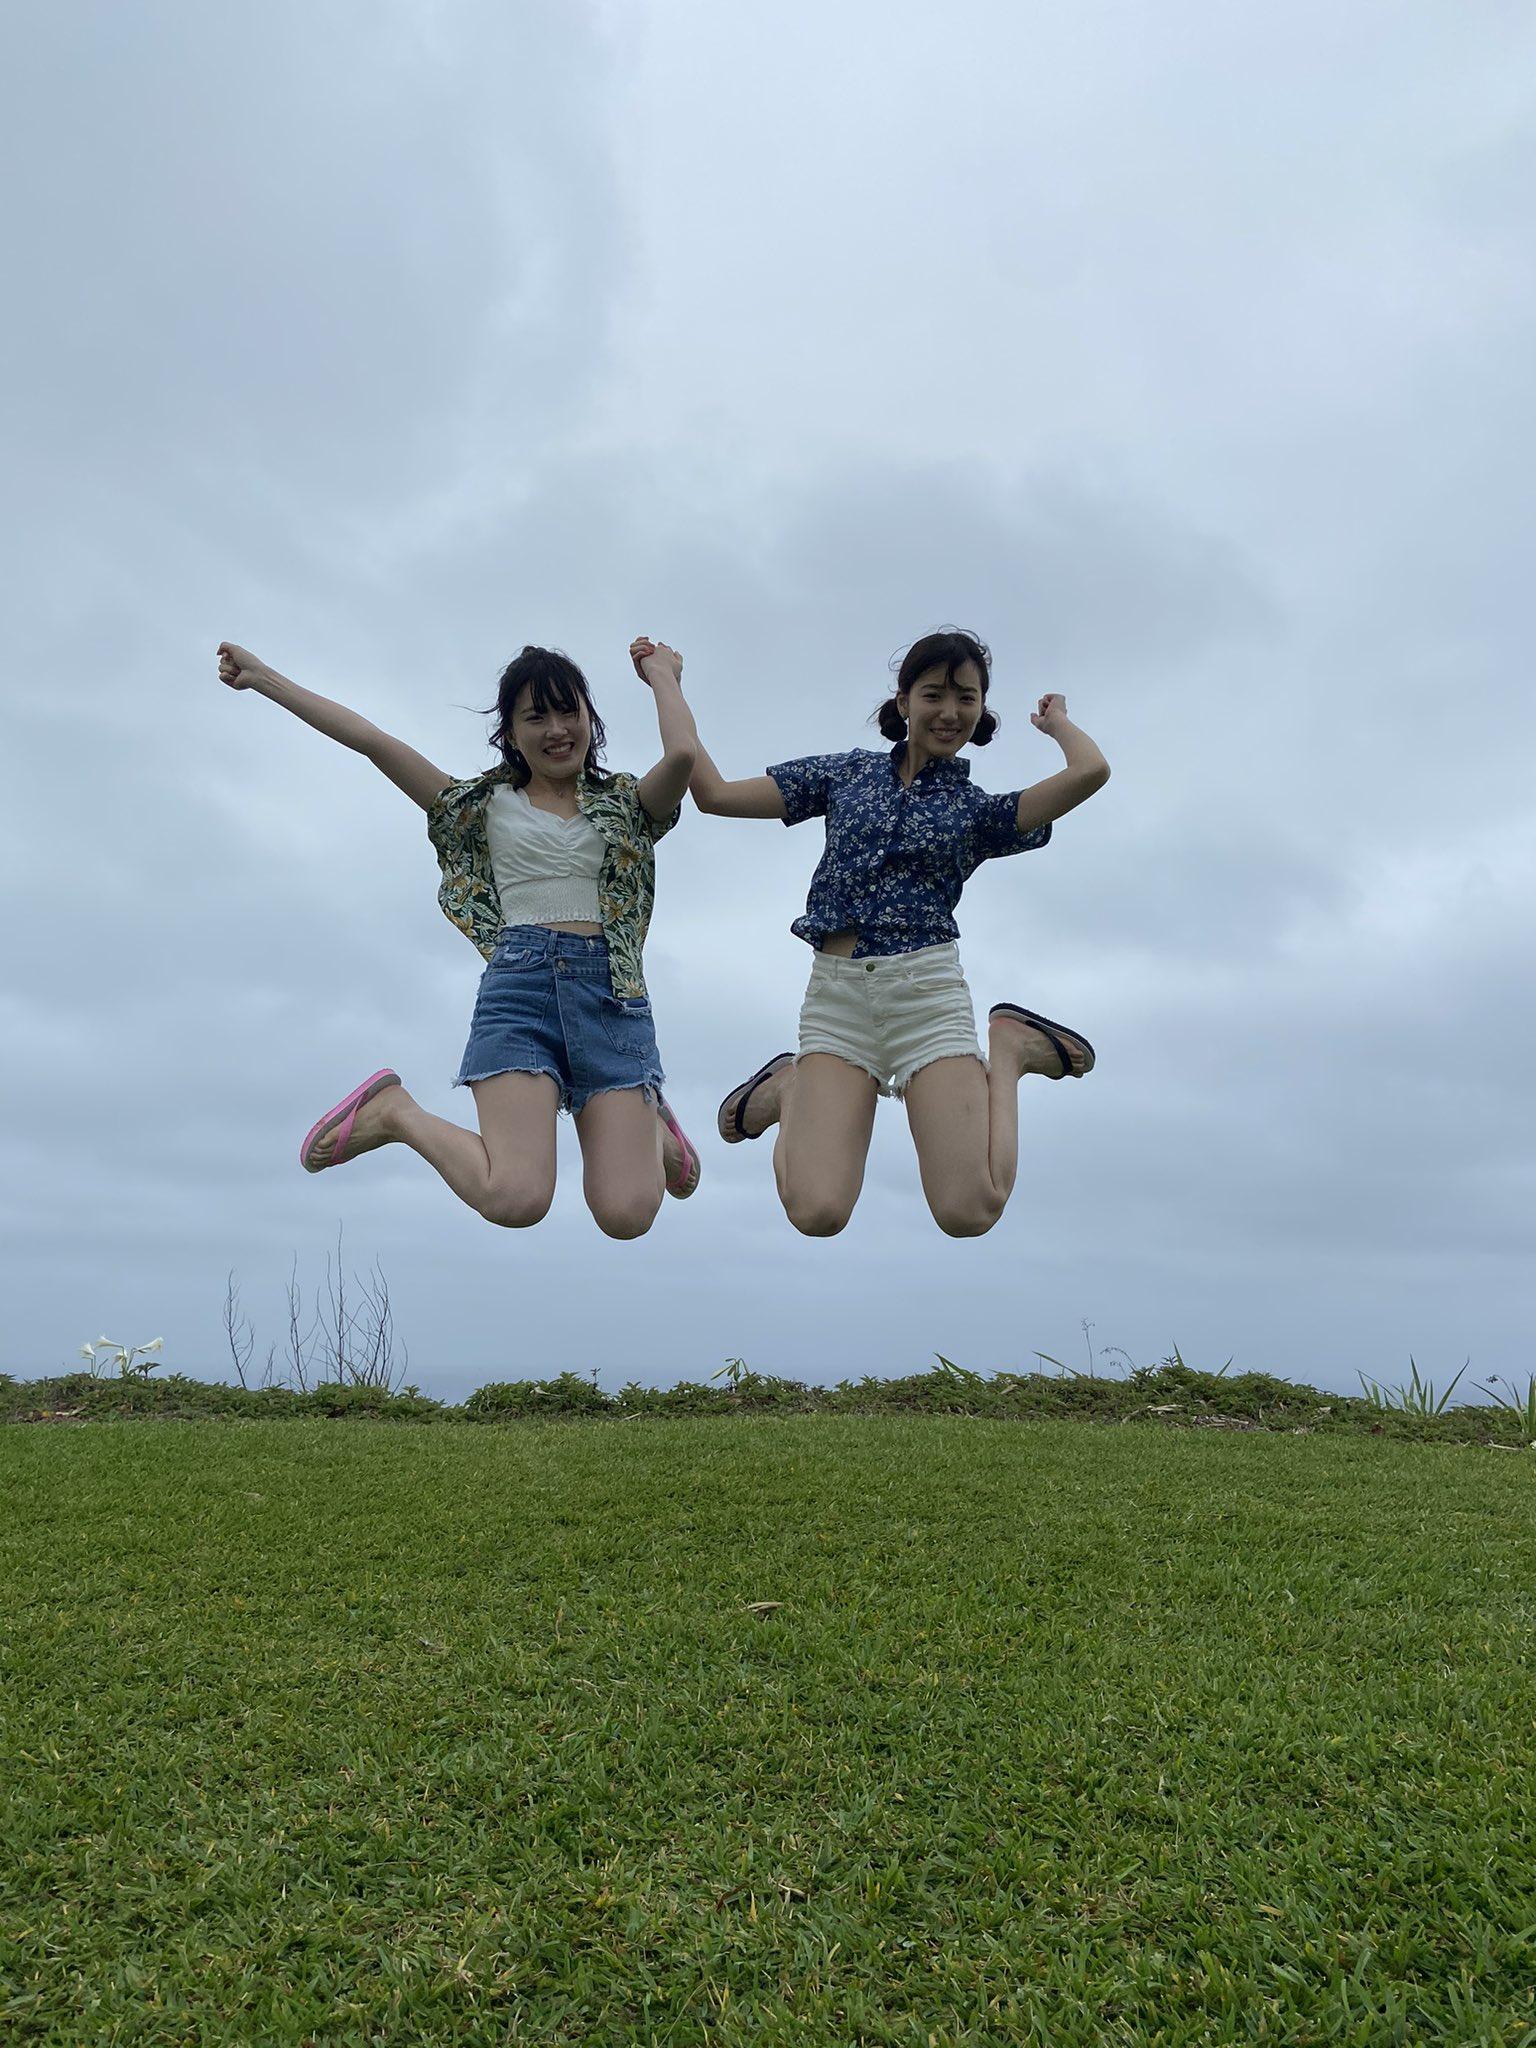 AKB48下尾みう「撮影楽しかったな」山根涼羽との水着ツーショットにファン興奮【画像4枚】の画像002